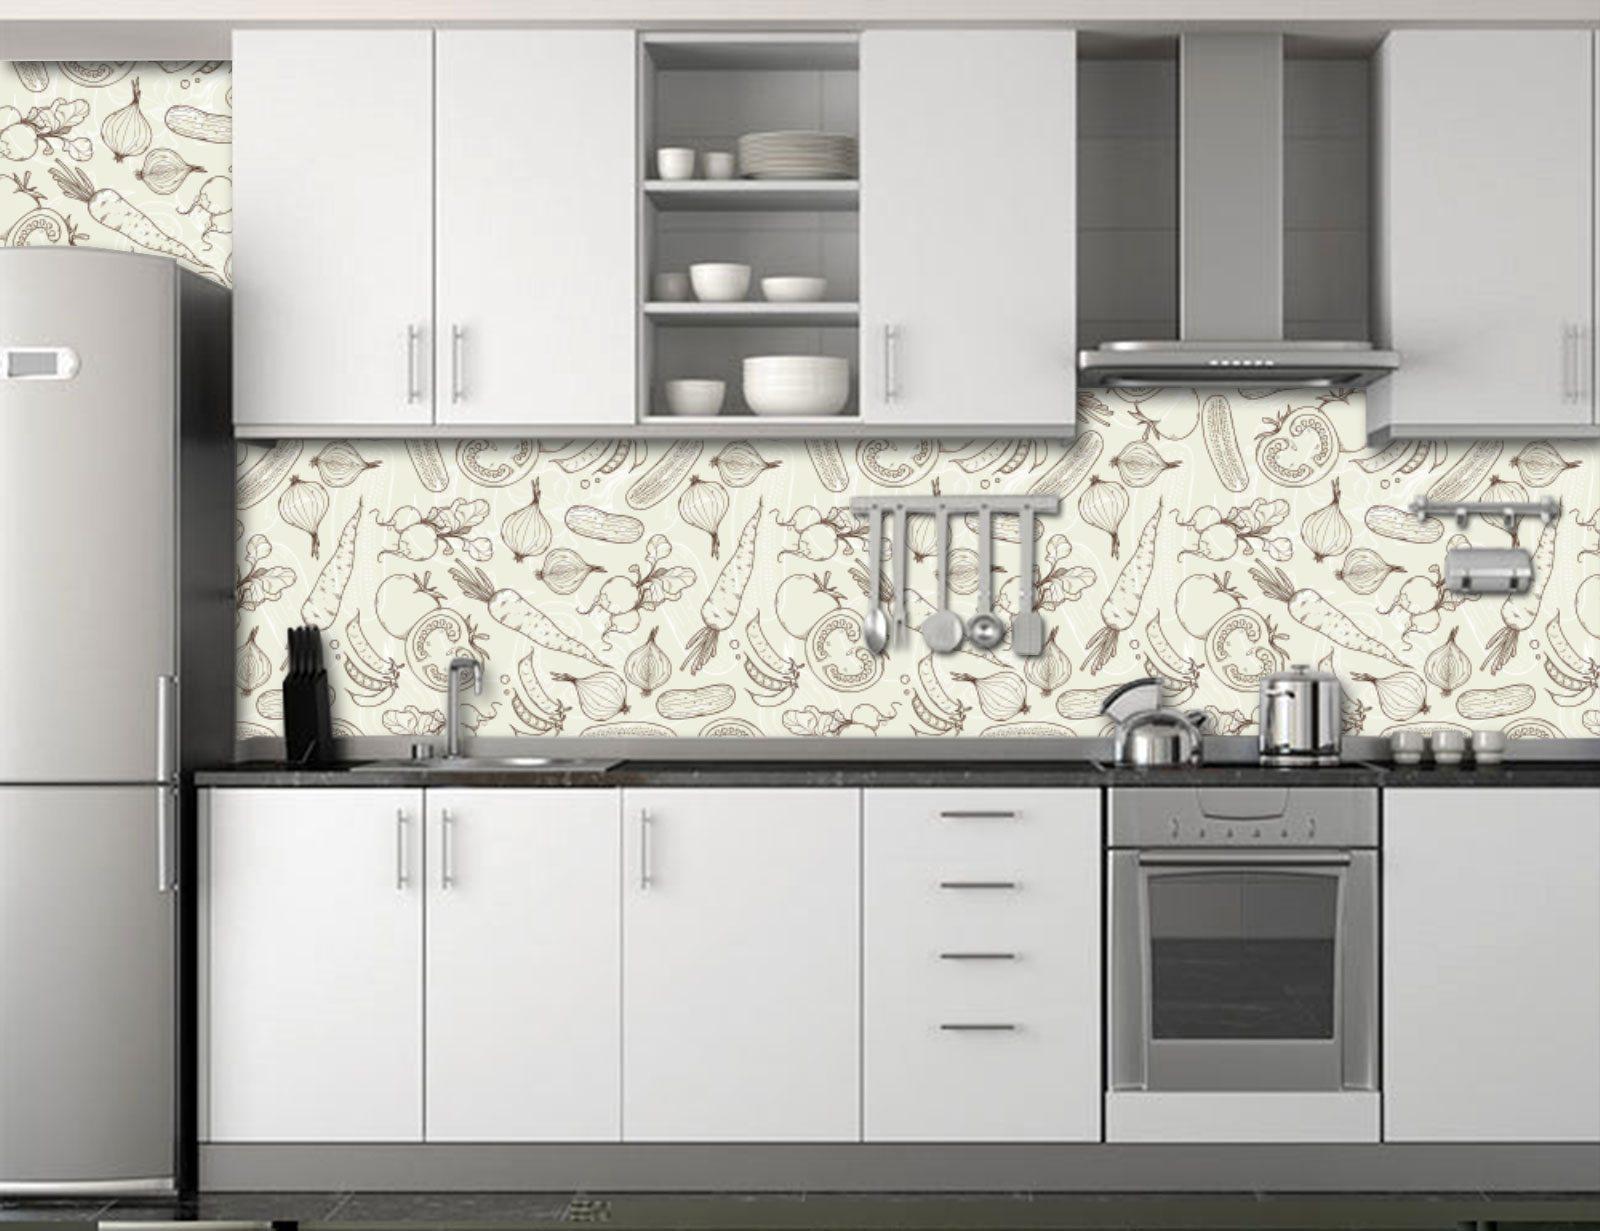 Artesanato Para Cozinha De Tecido ~ Papel de Parede para quarto, cozinha, banheiro, sala, infantil, comprar